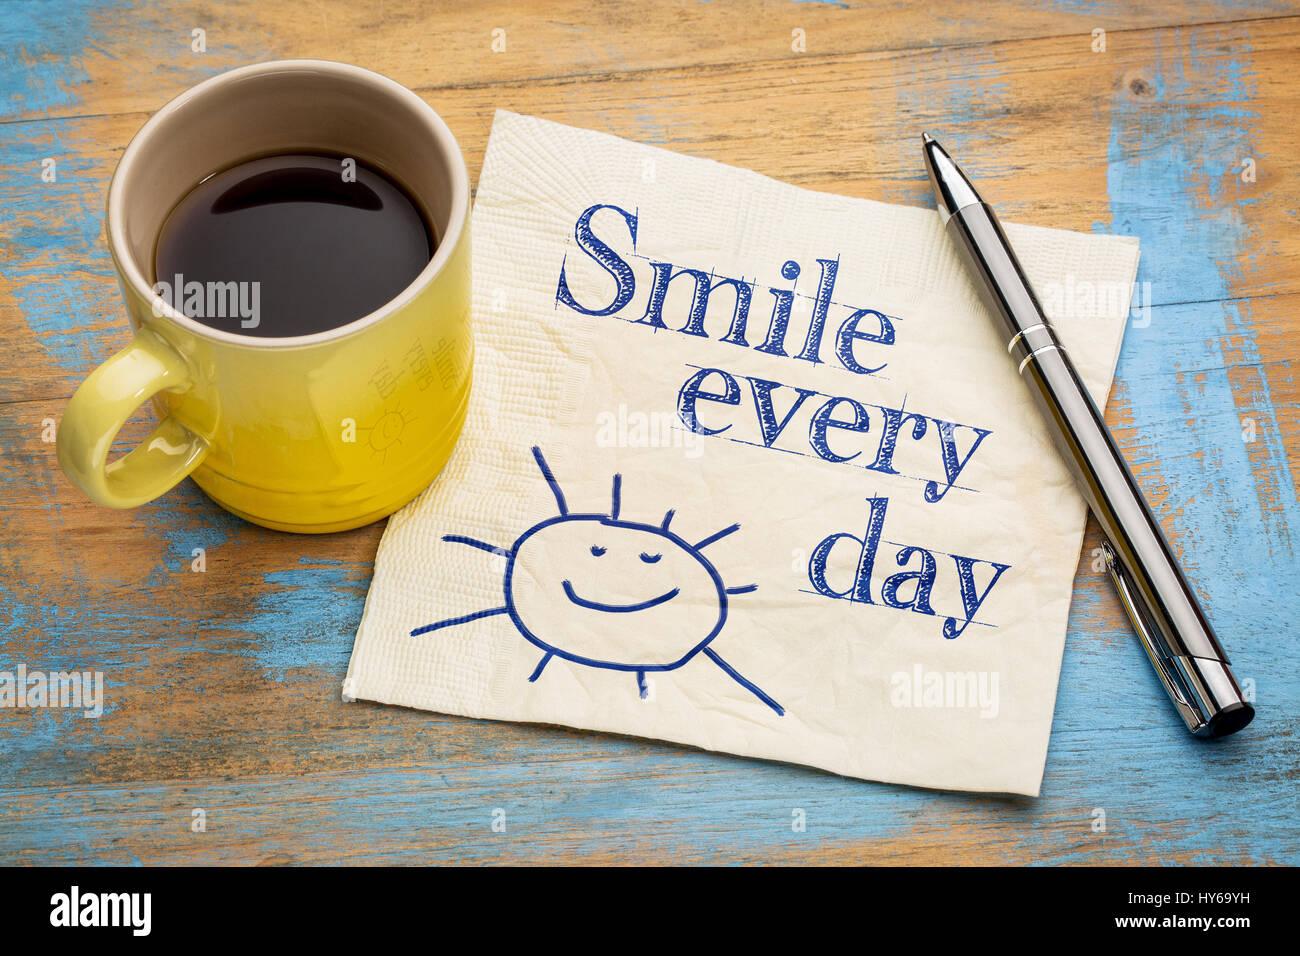 Sonreír cada día - alegre de la escritura a mano en una servilleta con una taza de café espresso Imagen De Stock